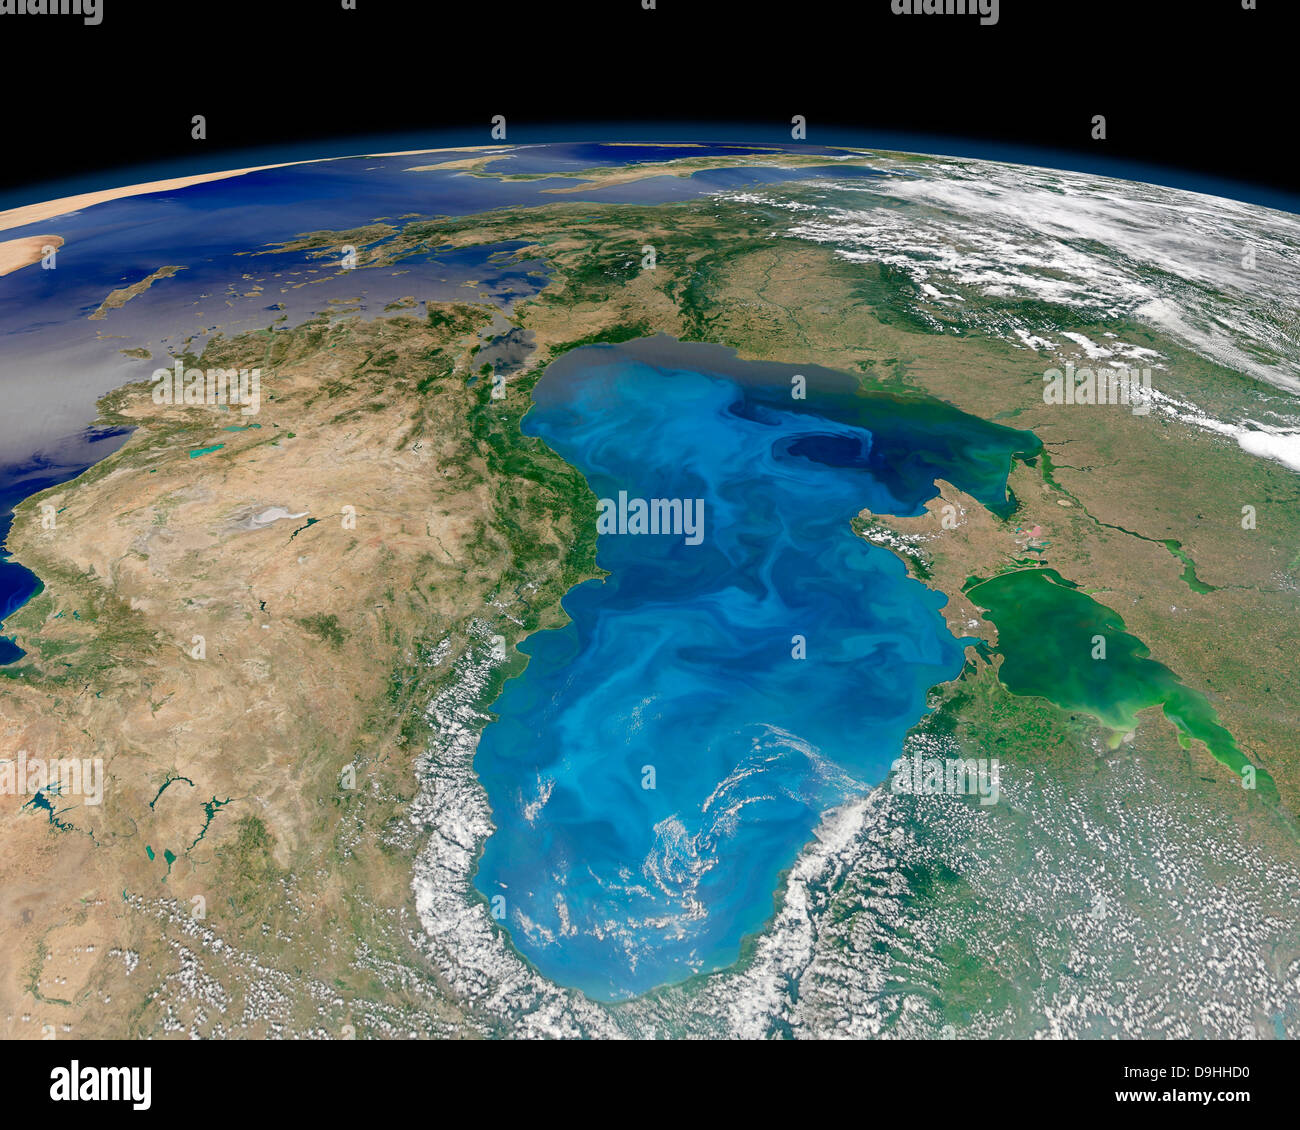 Vue satellite de floraison du phytoplancton bleu tourbillonnant dans la mer Noire. Banque D'Images